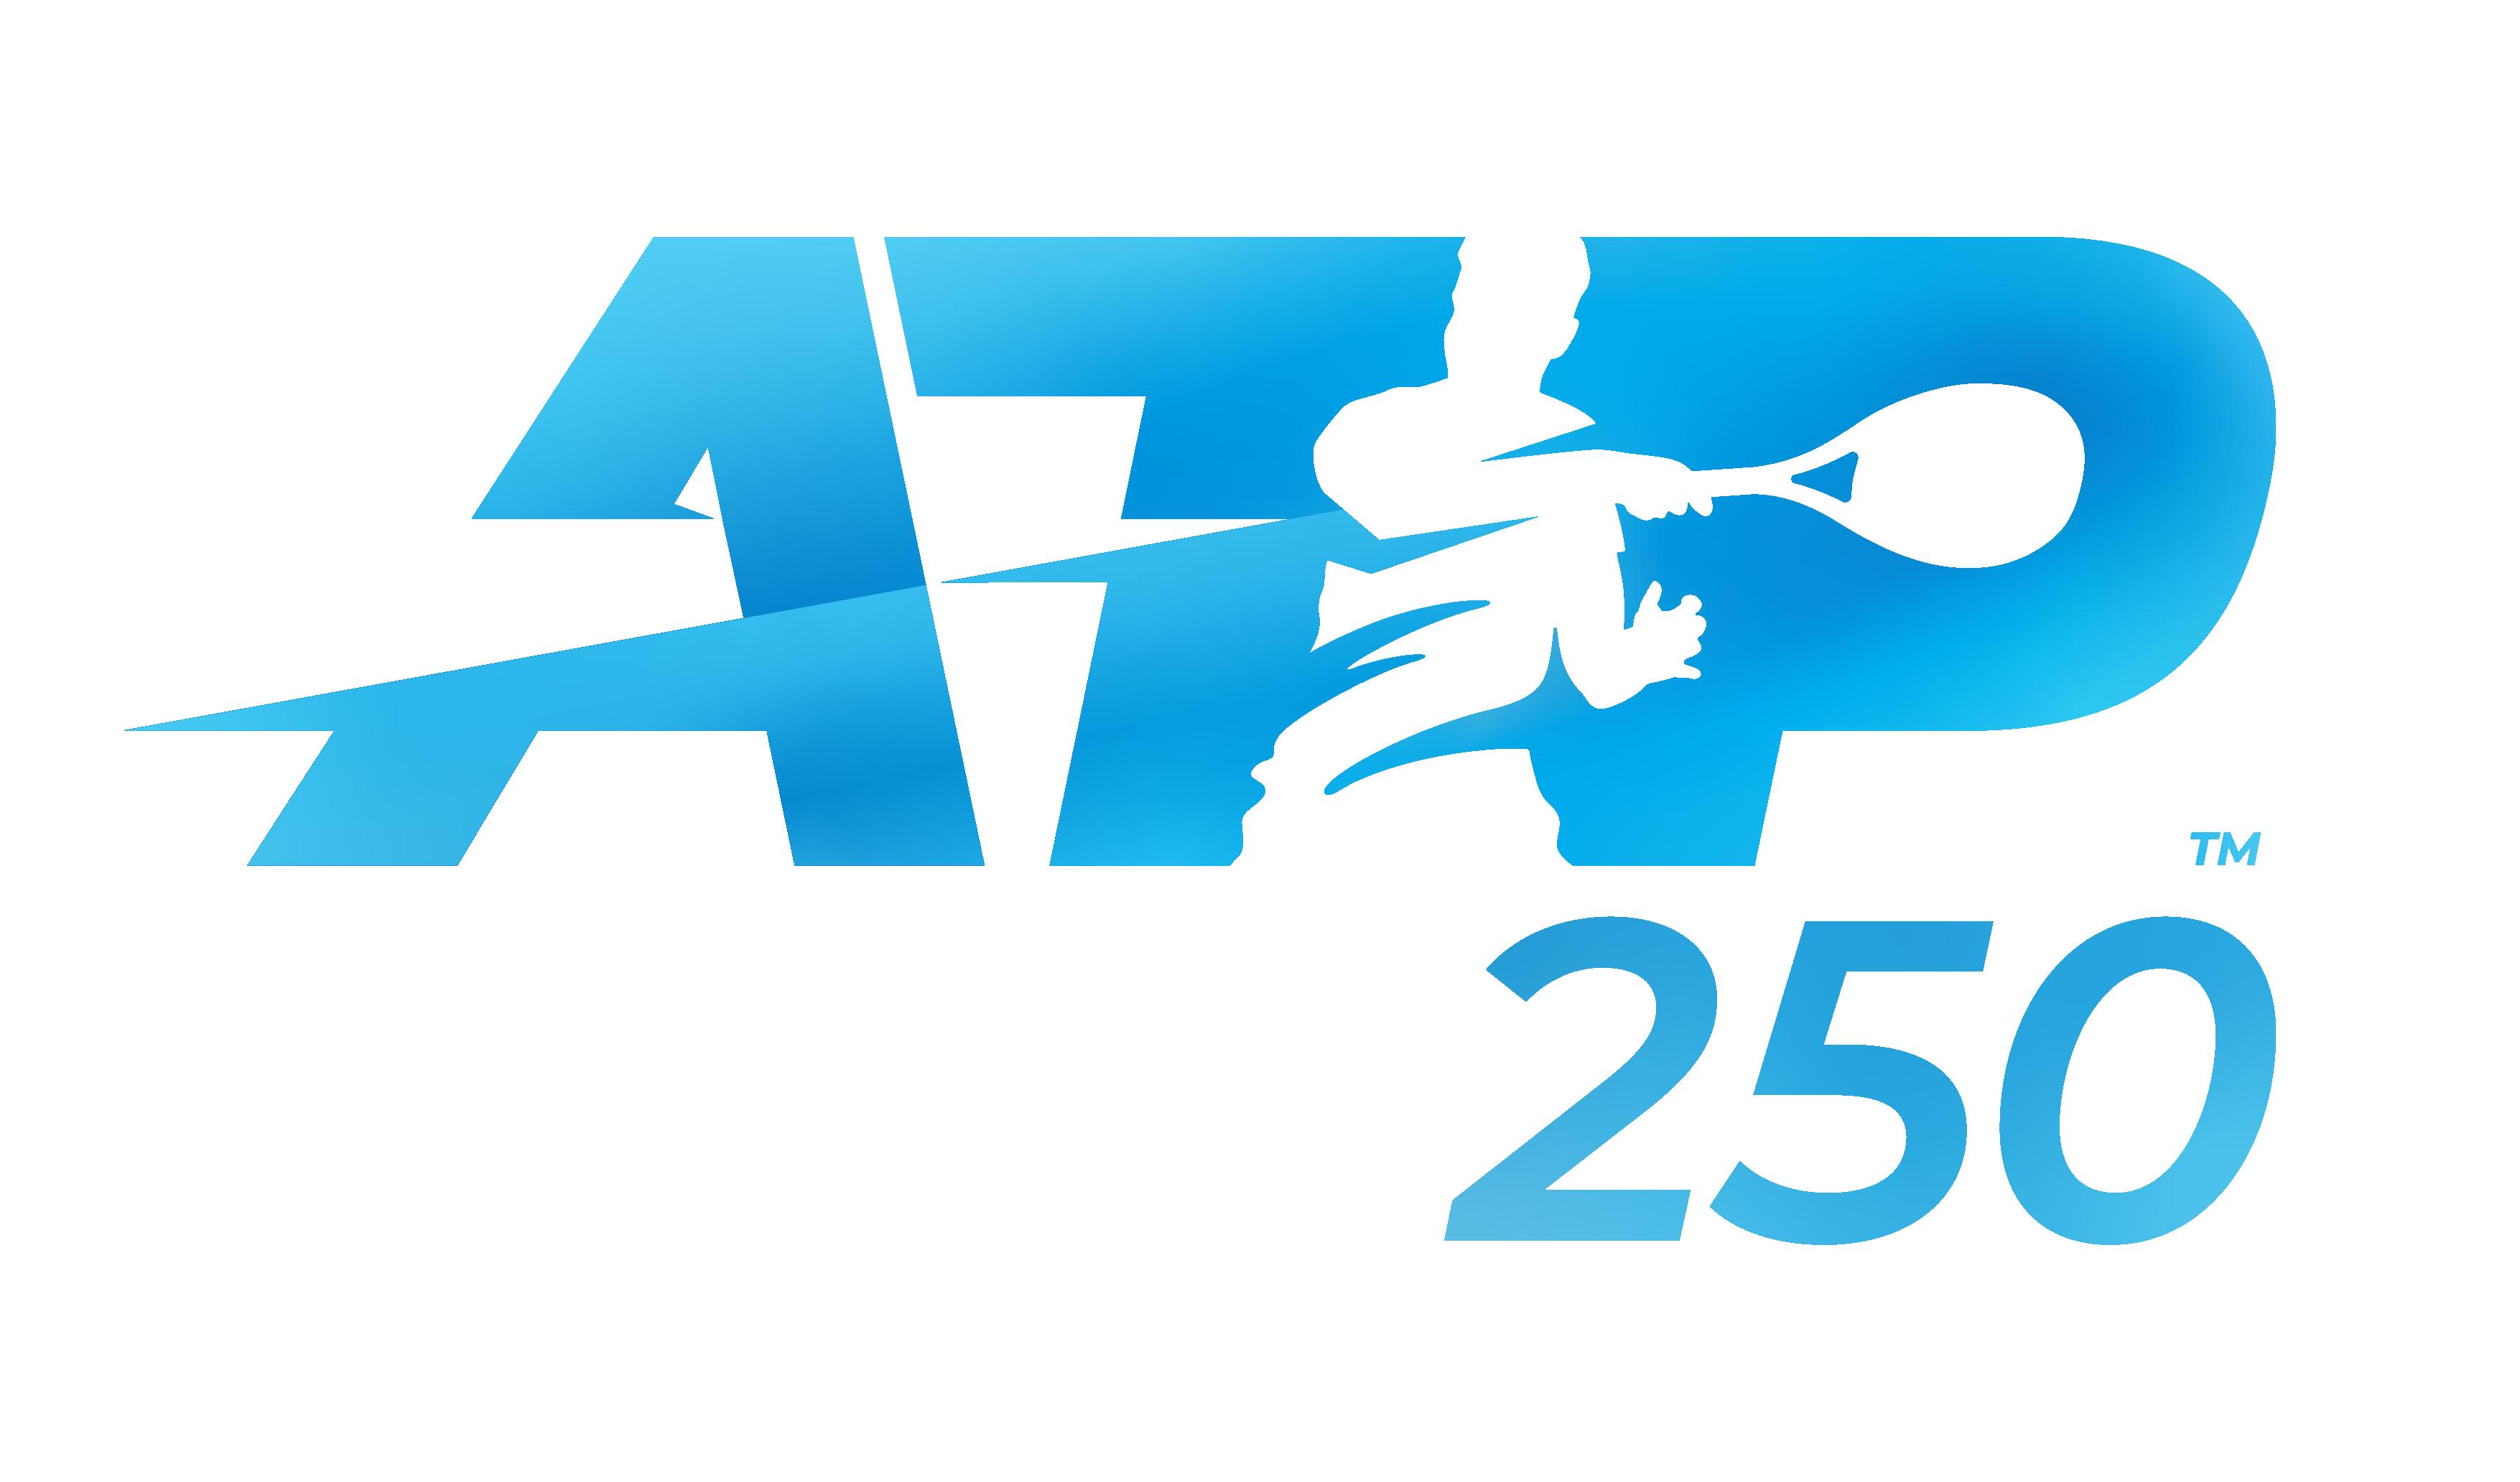 ATP 250 logo